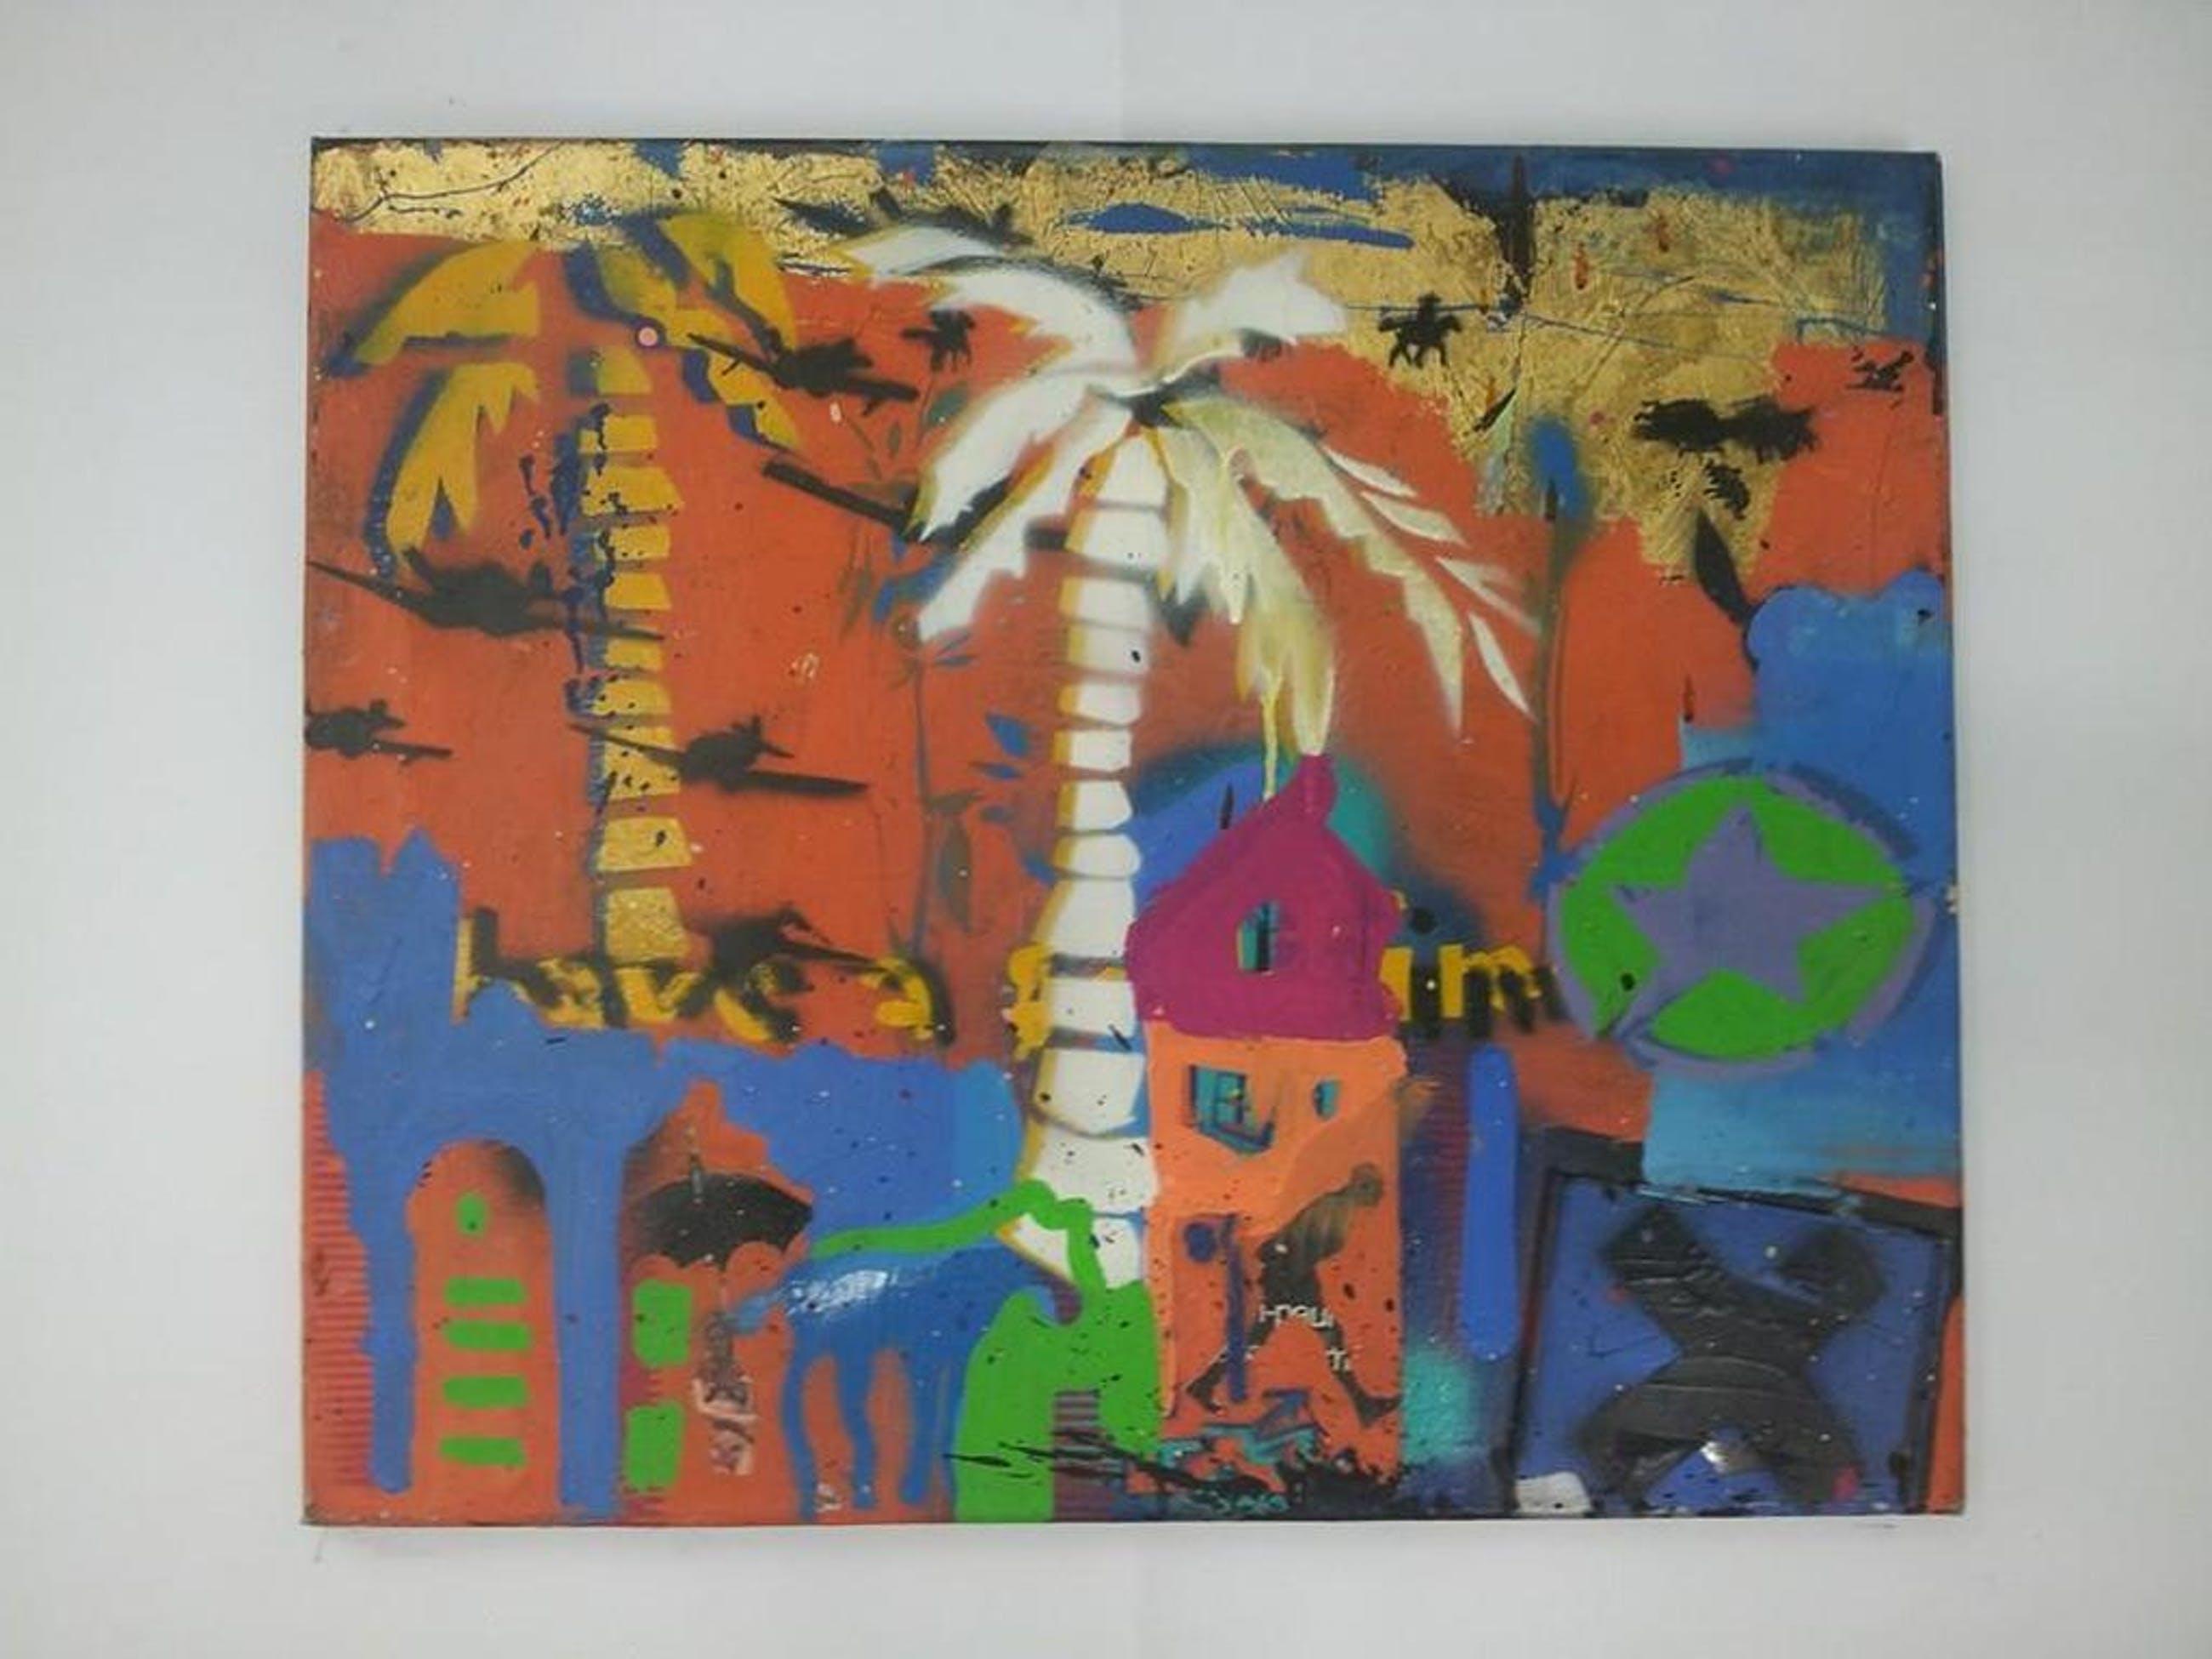 Espen Greger Hagen (Trondheim 1964-Amsterdam 2008) - My Planet '' Acryl op board - Gedateerd 1995 kopen? Bied vanaf 100!